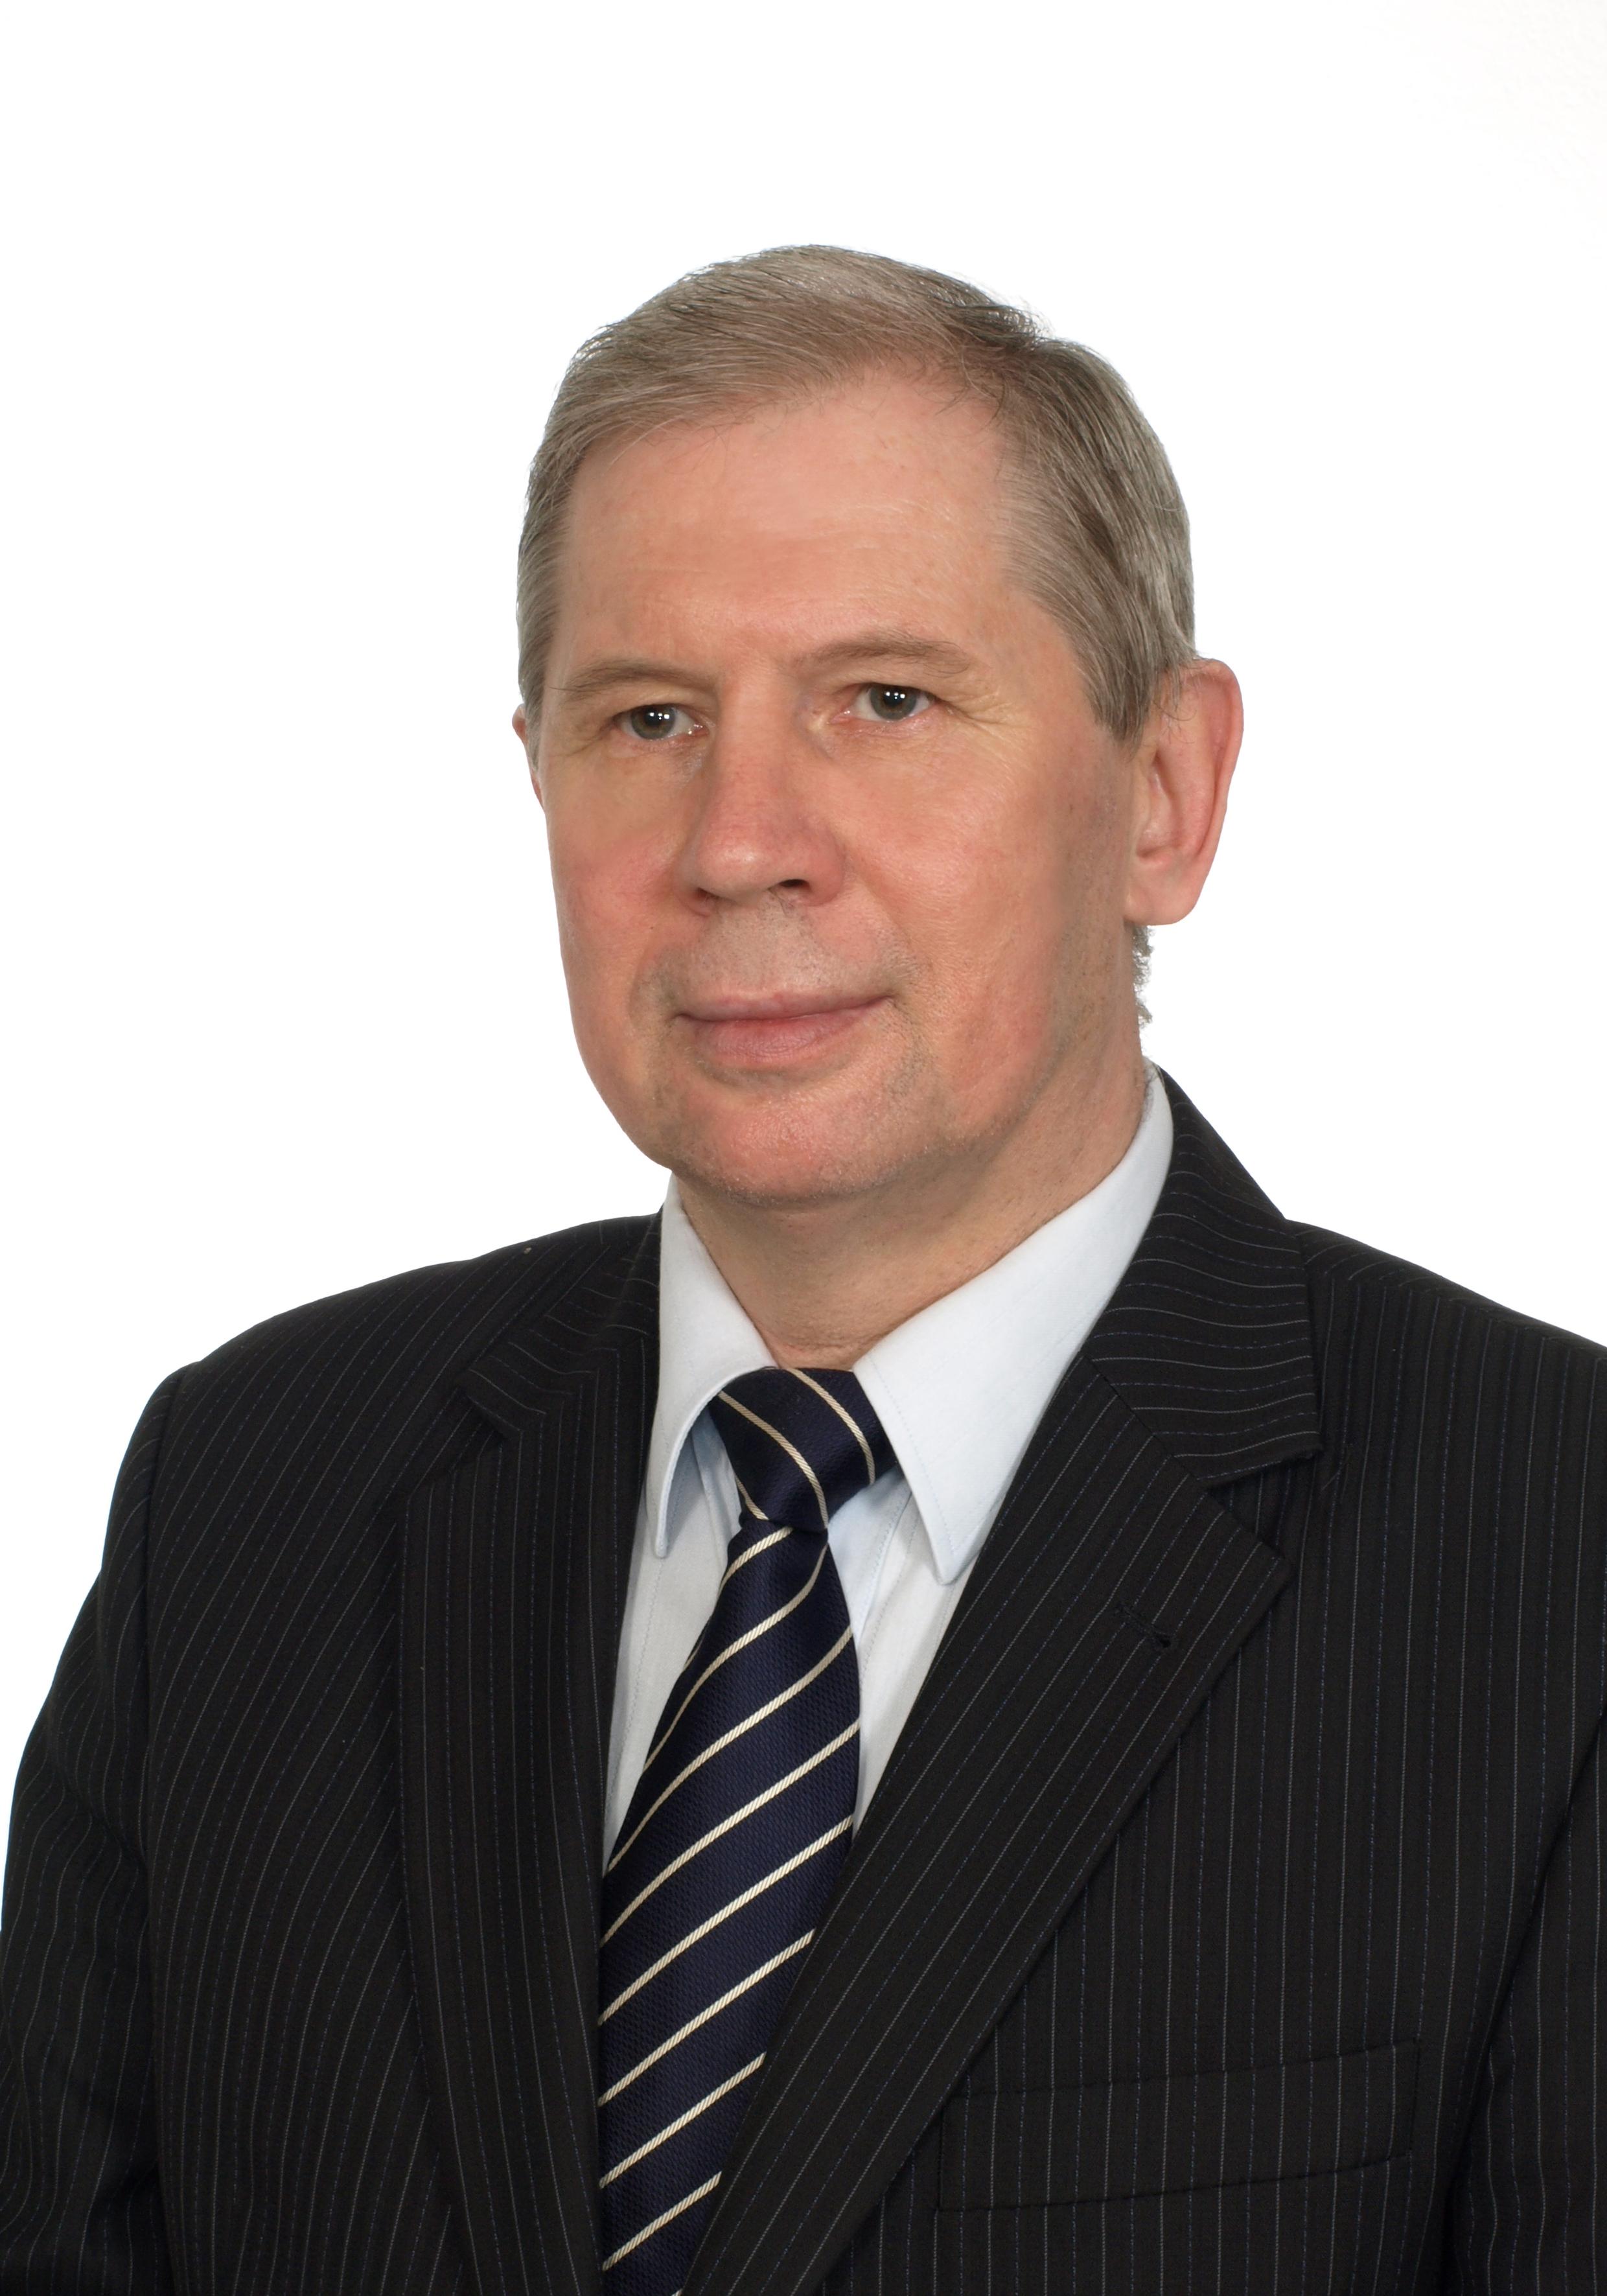 Prezes Stowarzyszenia Absolwentów WSAP Wiesław Maksjan